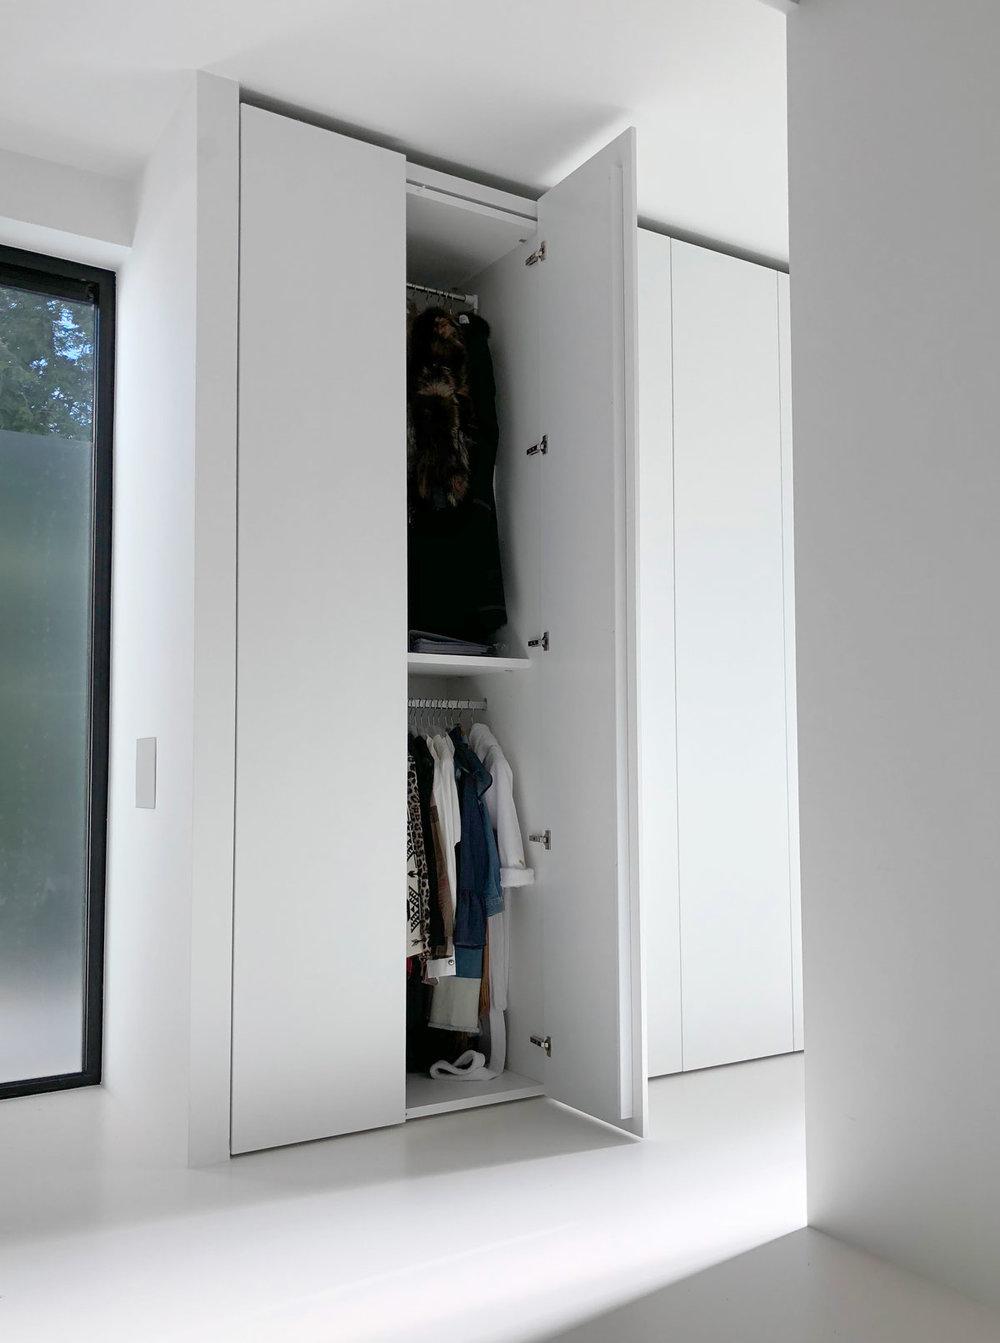 Afbeelding van een ultra mat witte design kledingkast op maat met een volledig geopende deur.